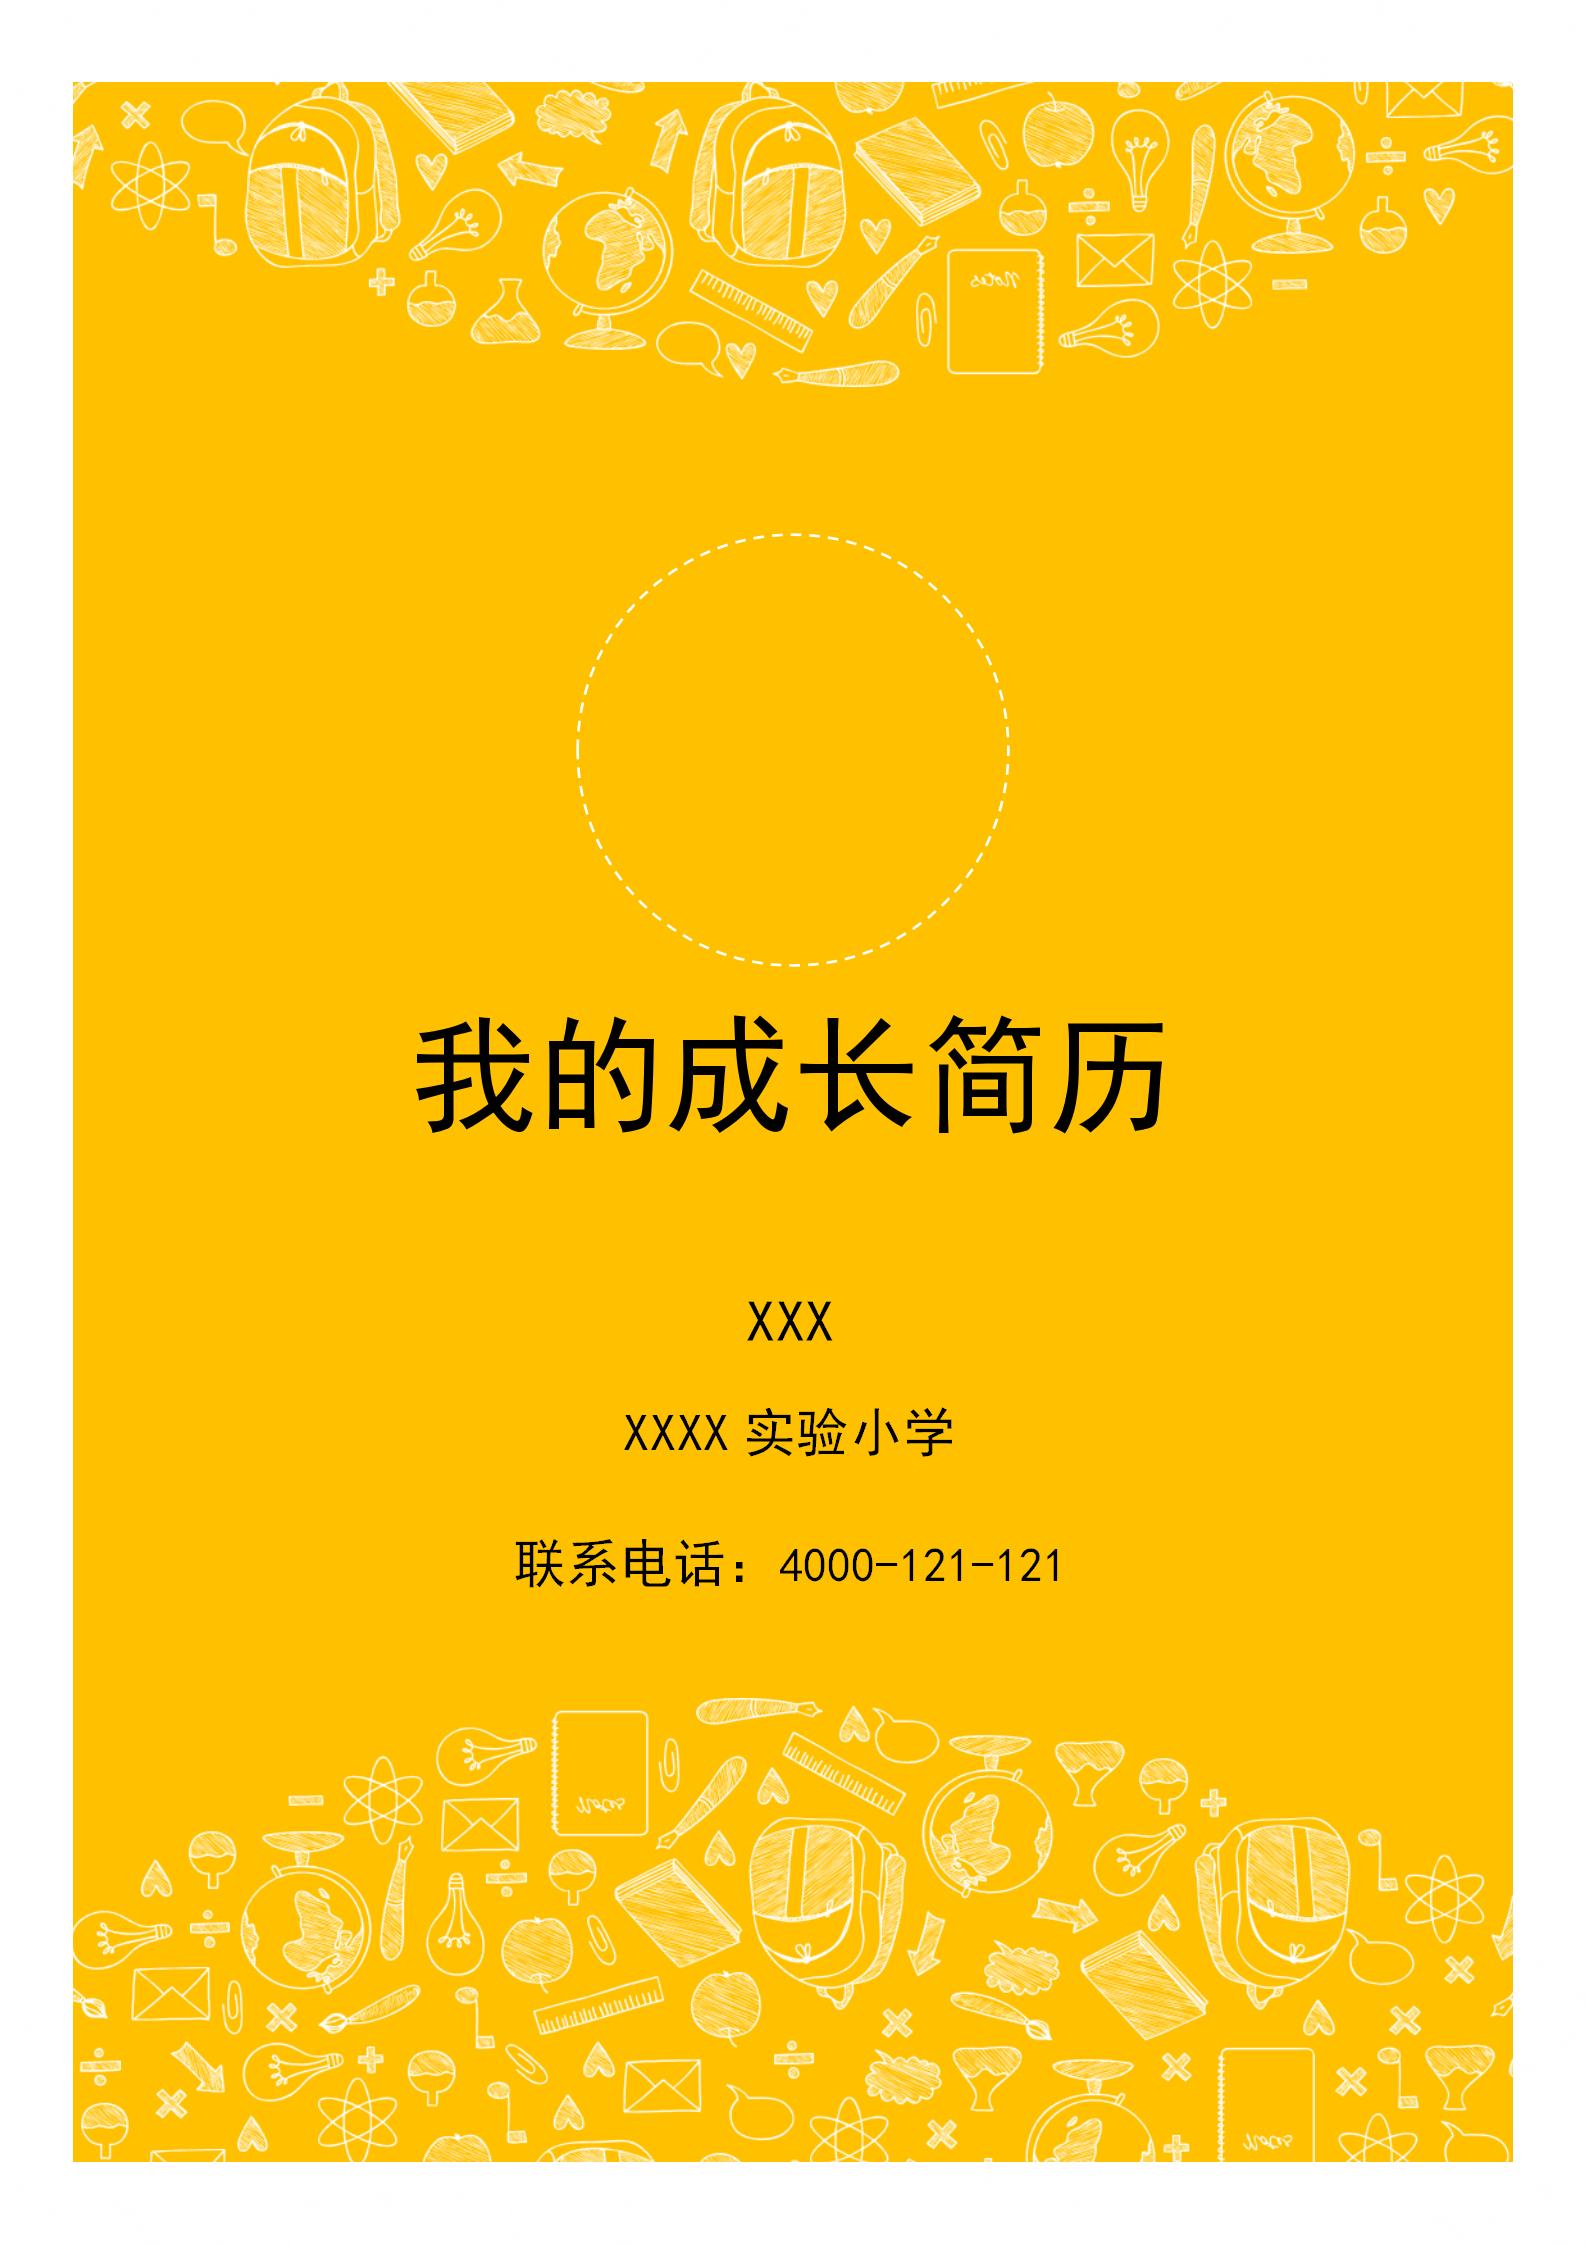 2020年深圳小学升初中简历模板